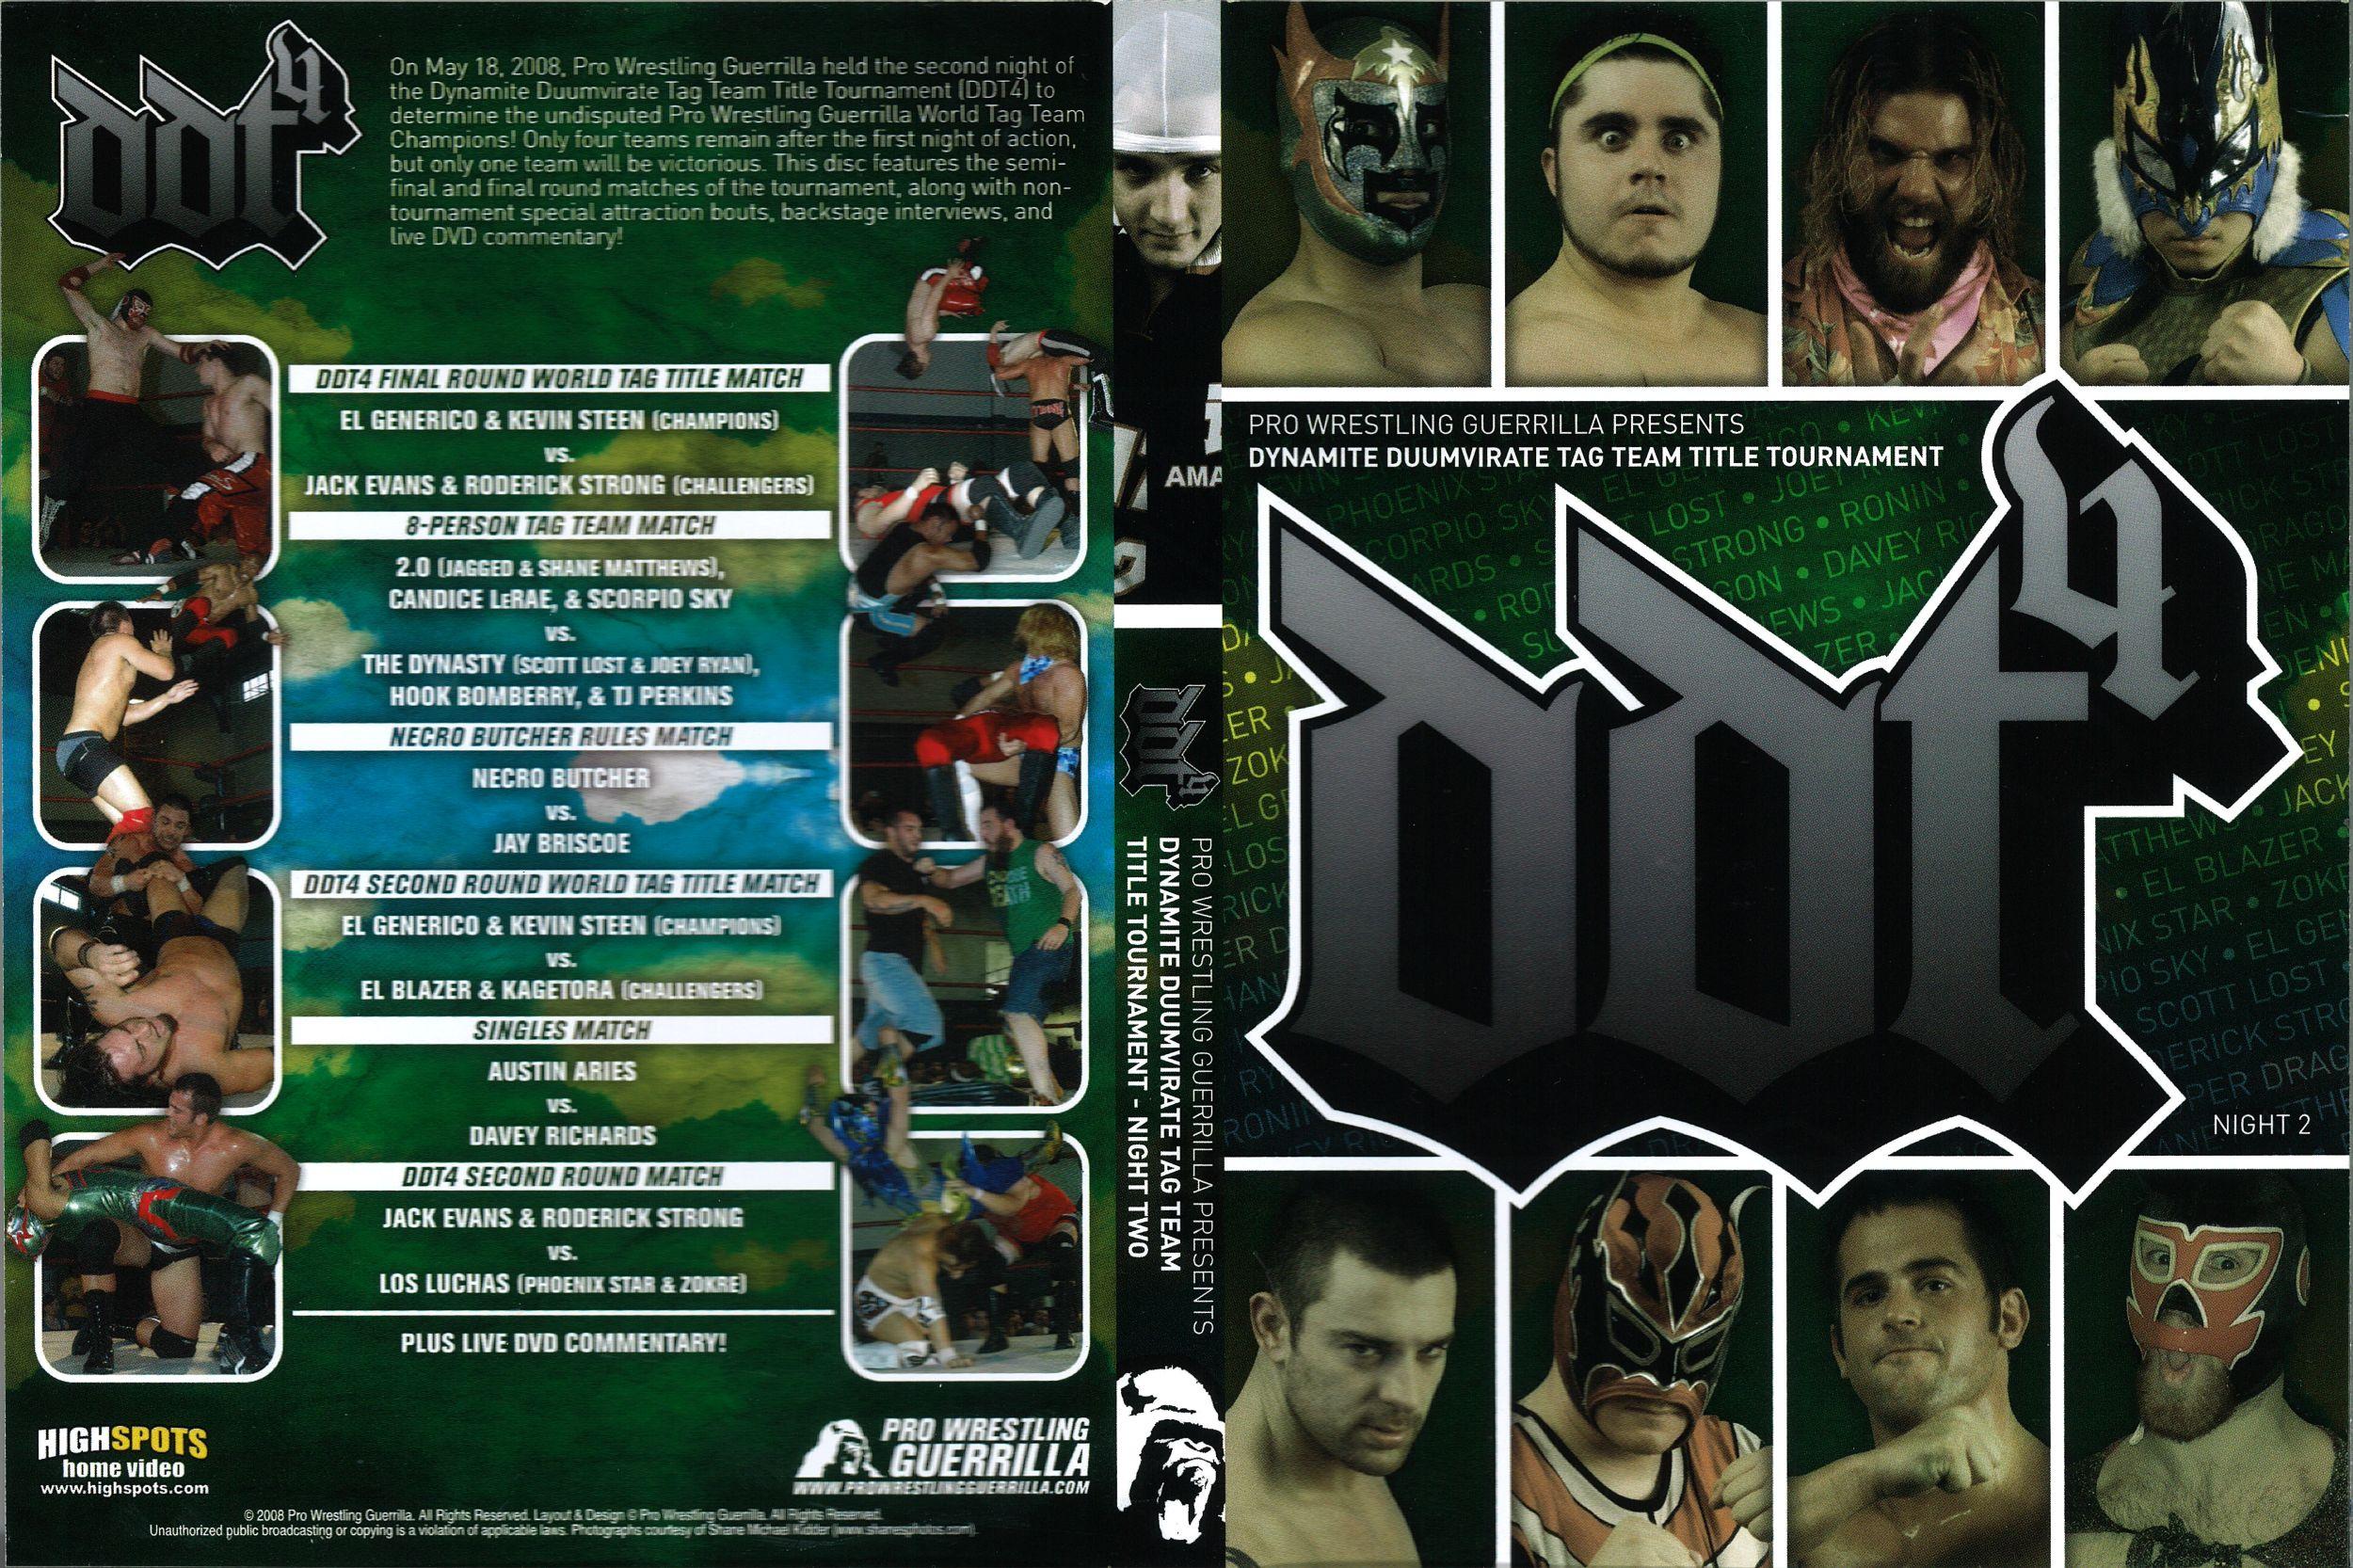 PWG.2008.05.18.Cover